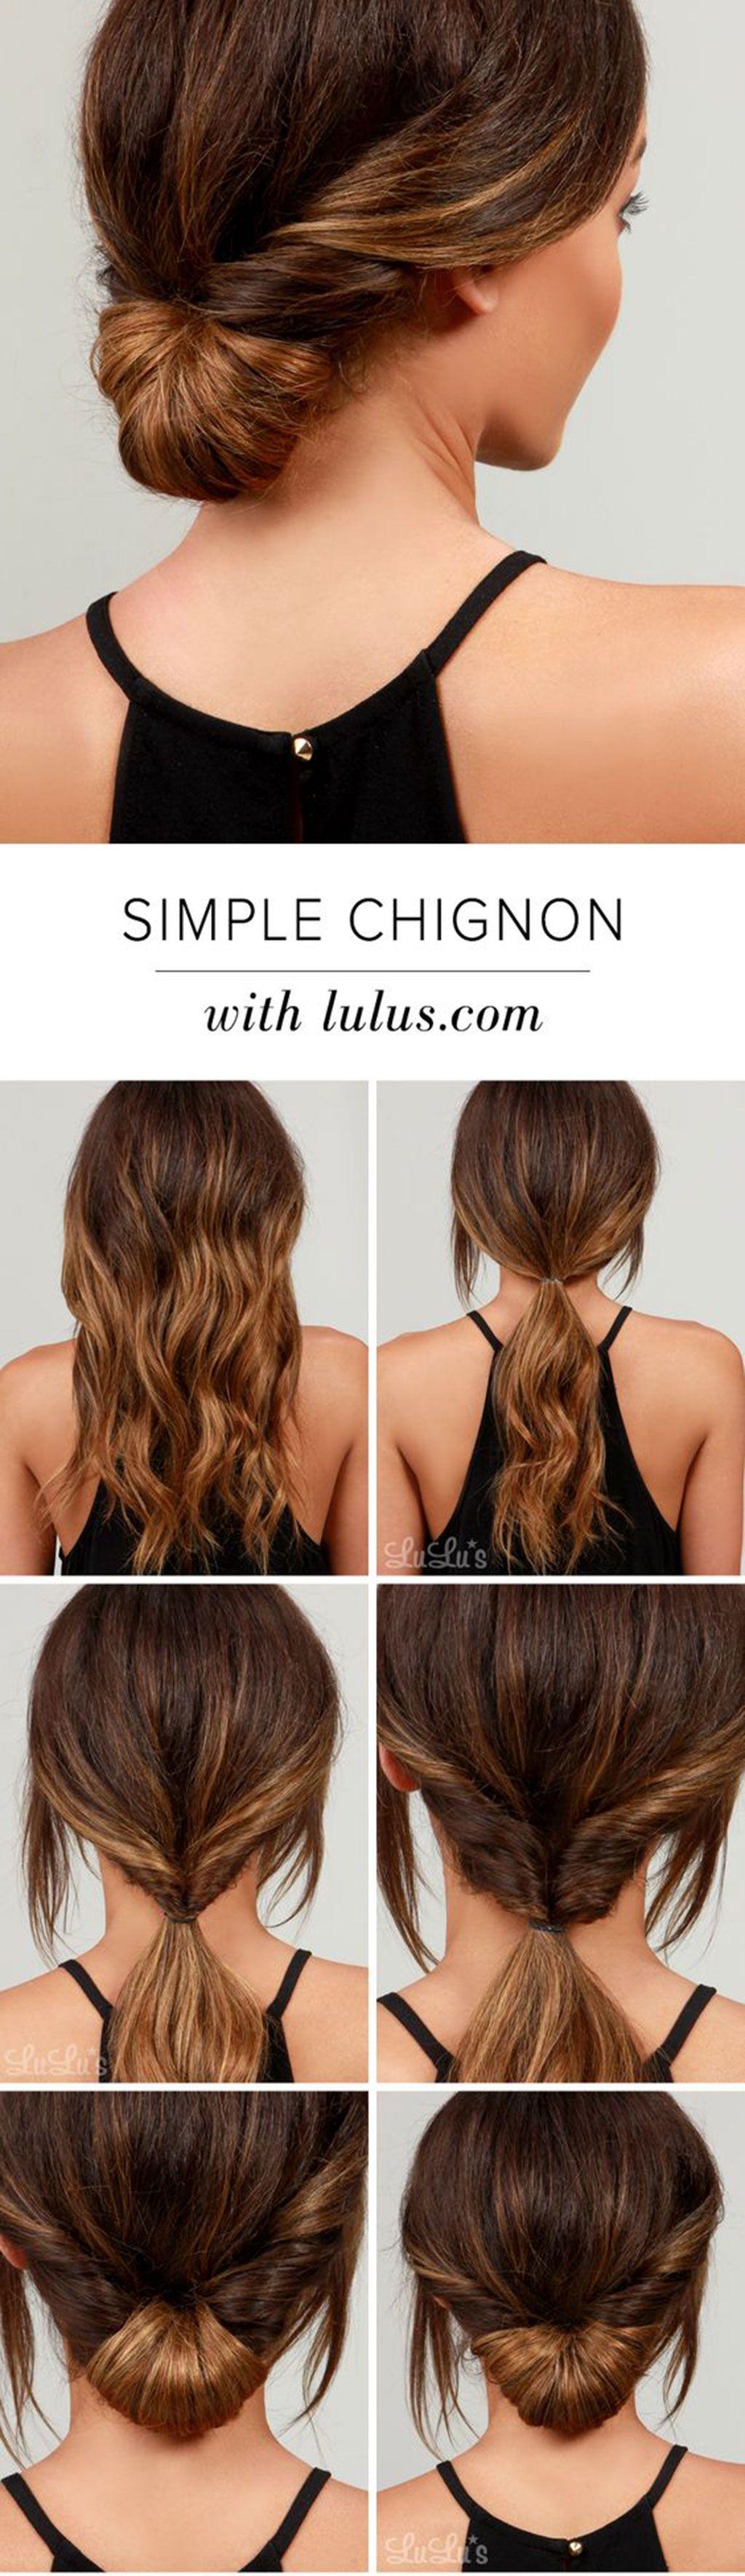 12 Peinados Faciles Para El Verano En Pinterest